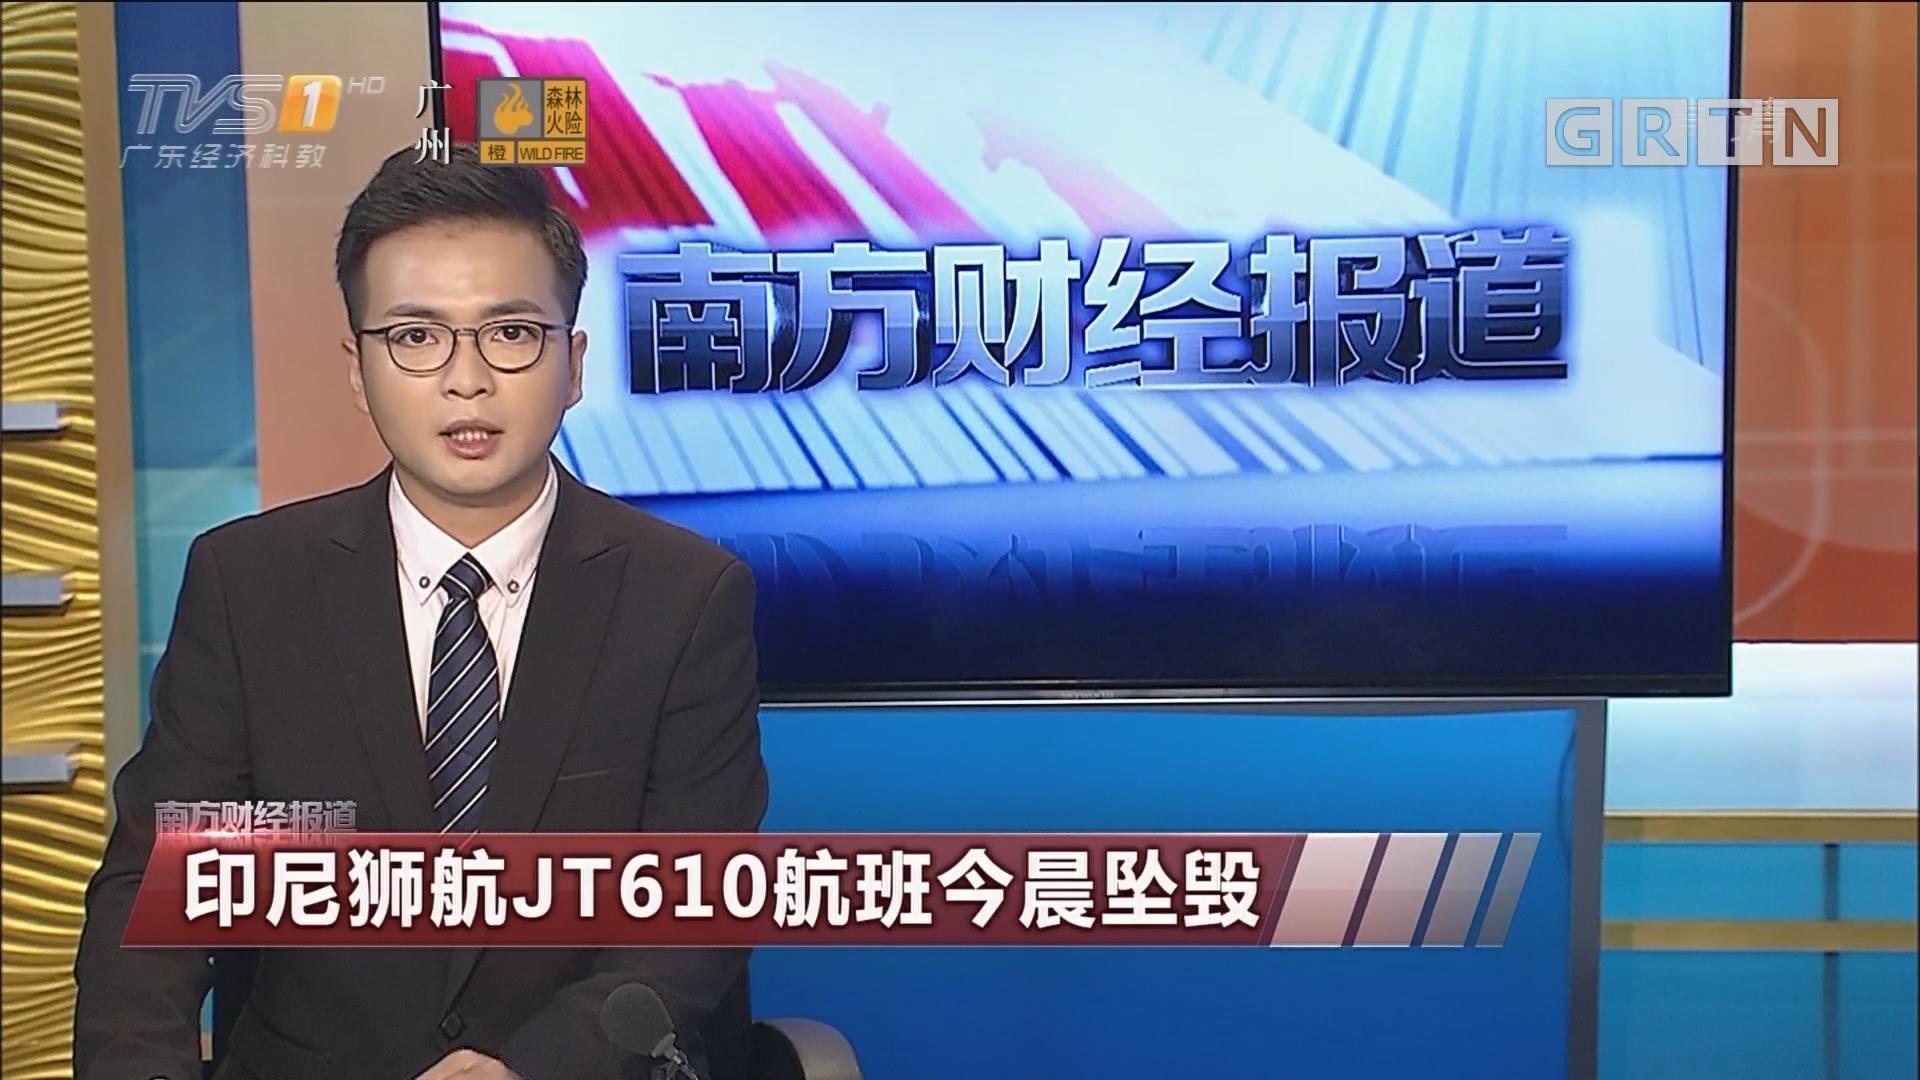 印尼狮航JT610航班今晨坠毁